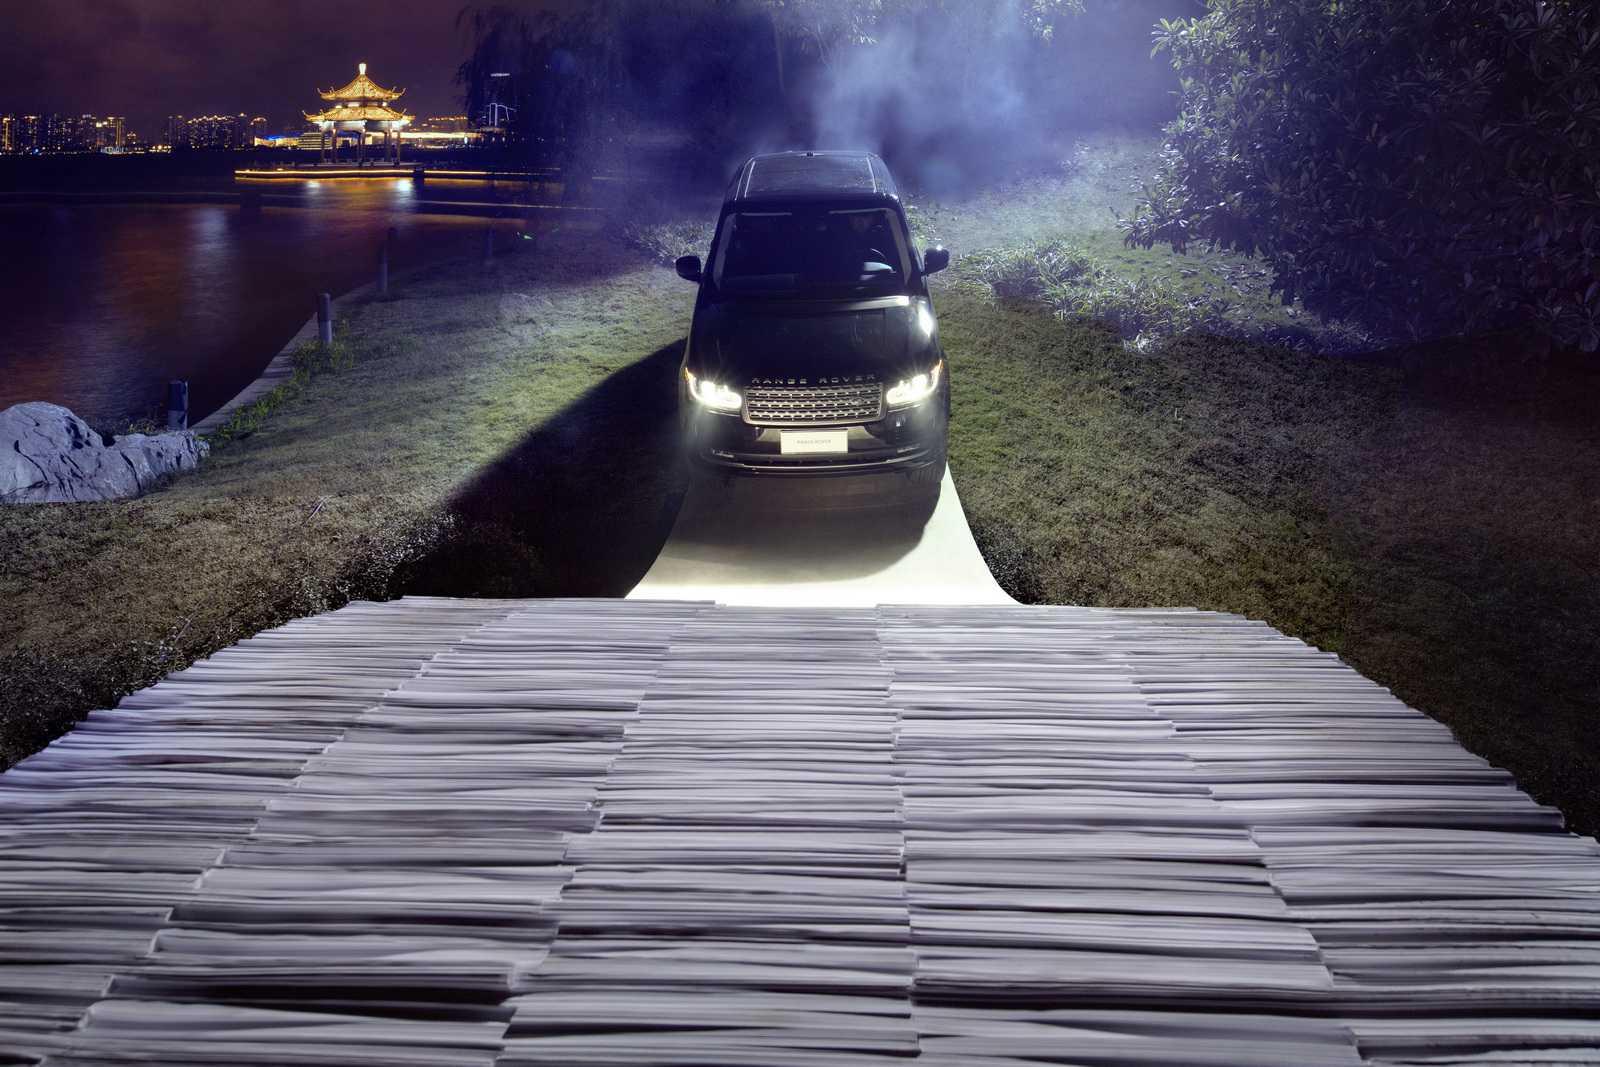 ריינג' רובר מציינת 45 שנות יצור עם טיפוס על גשר עשוי מנייר. צילום: לנד רובר